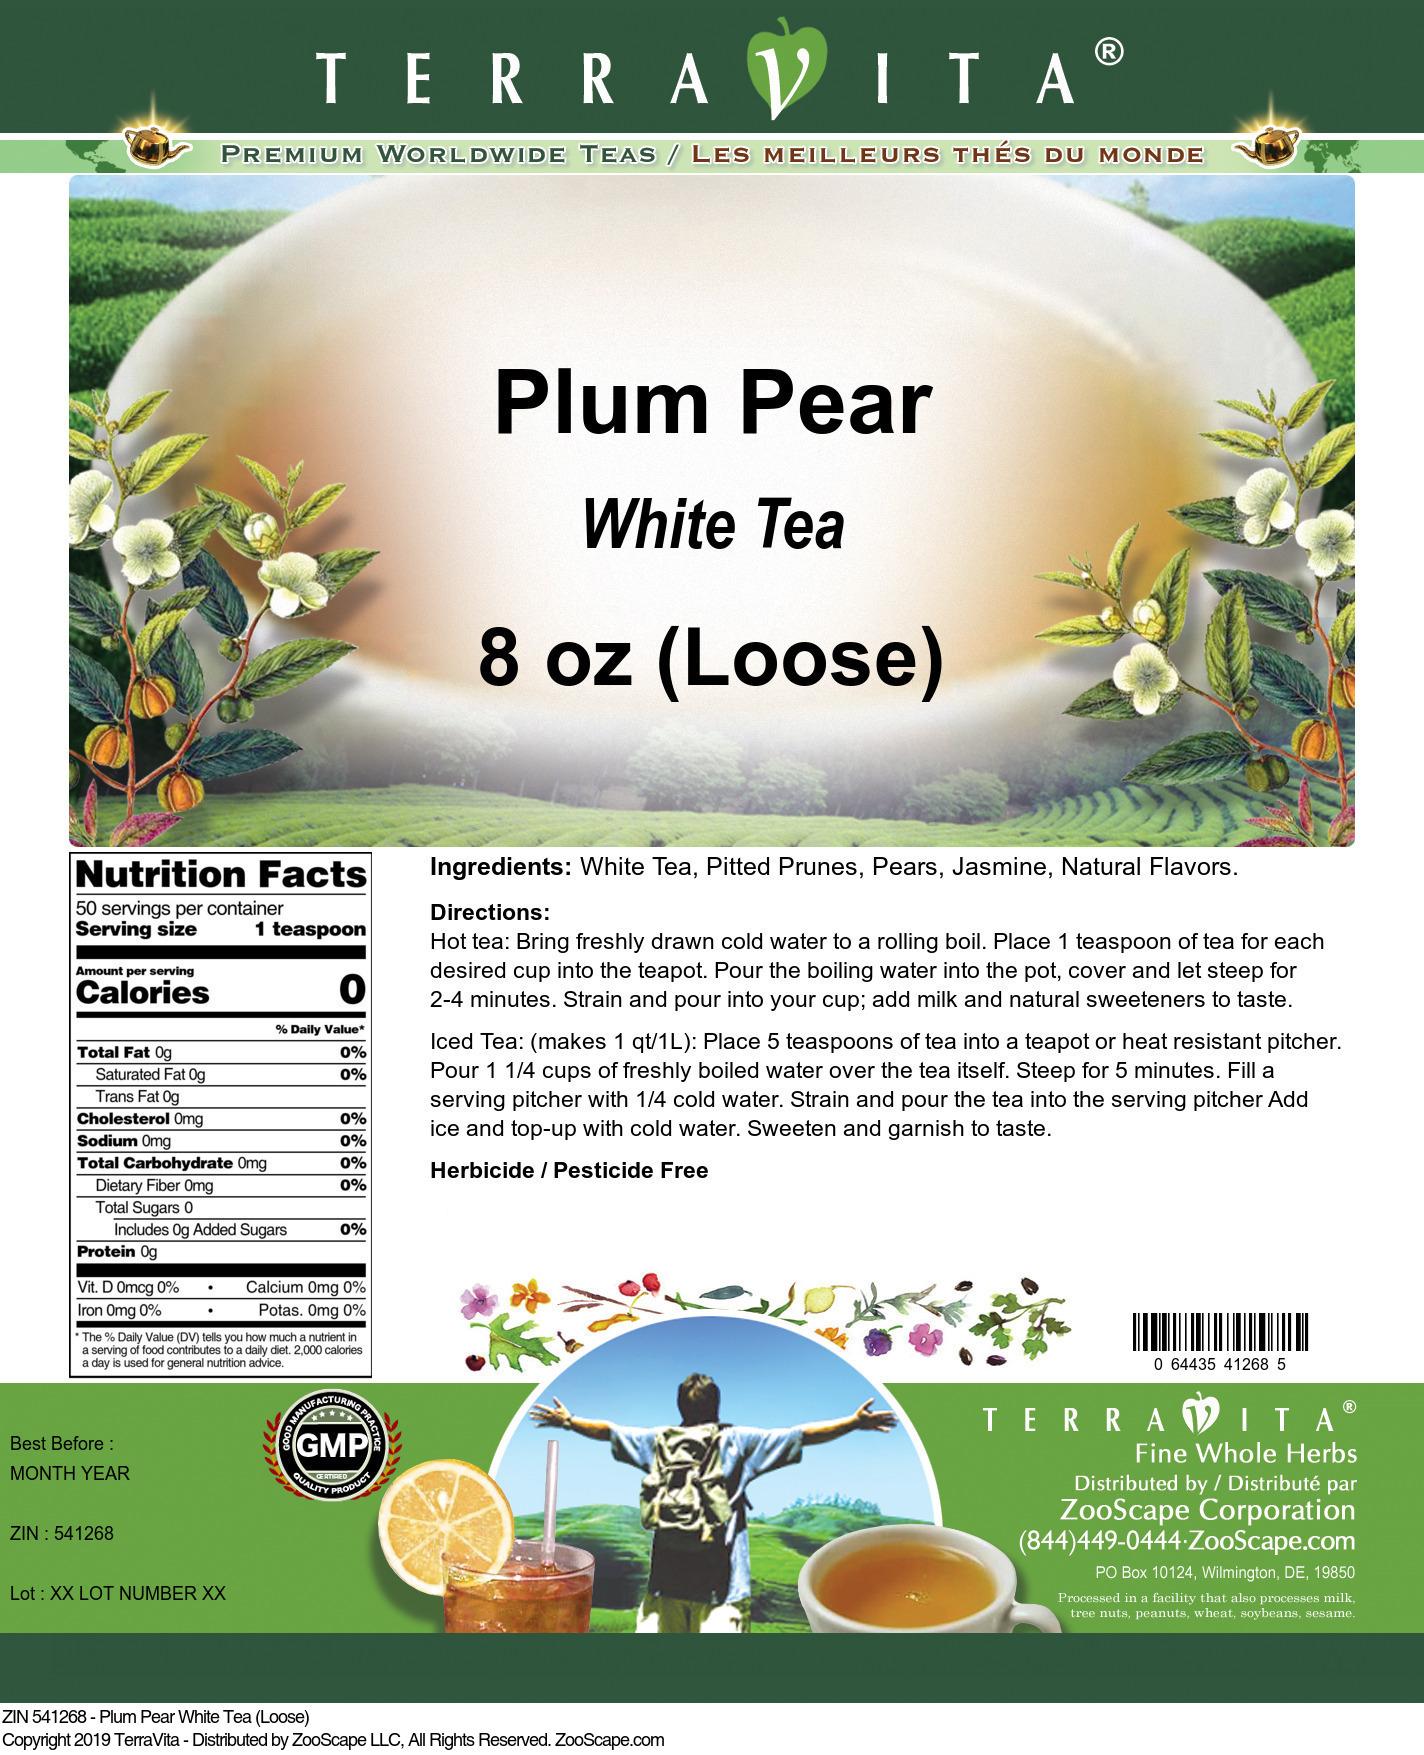 Plum Pear White Tea (Loose)